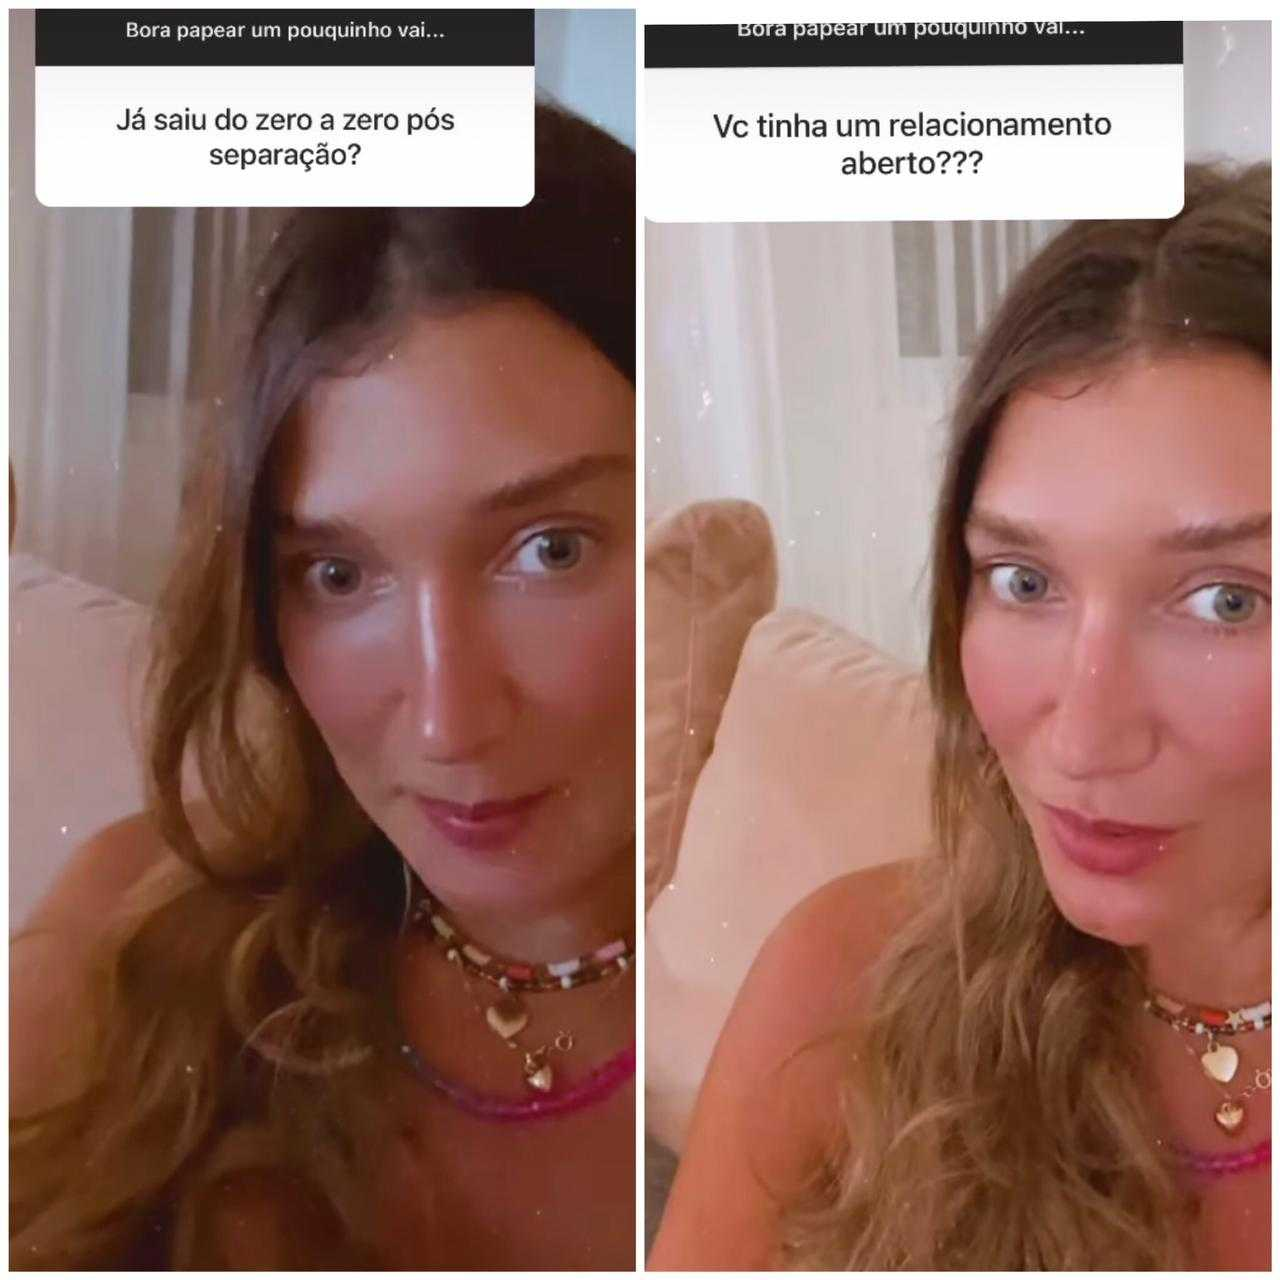 Após separação, Gabriela Pugliesi nega rumores de relacionamento aberto (Foto: Reprodução/Instagram)